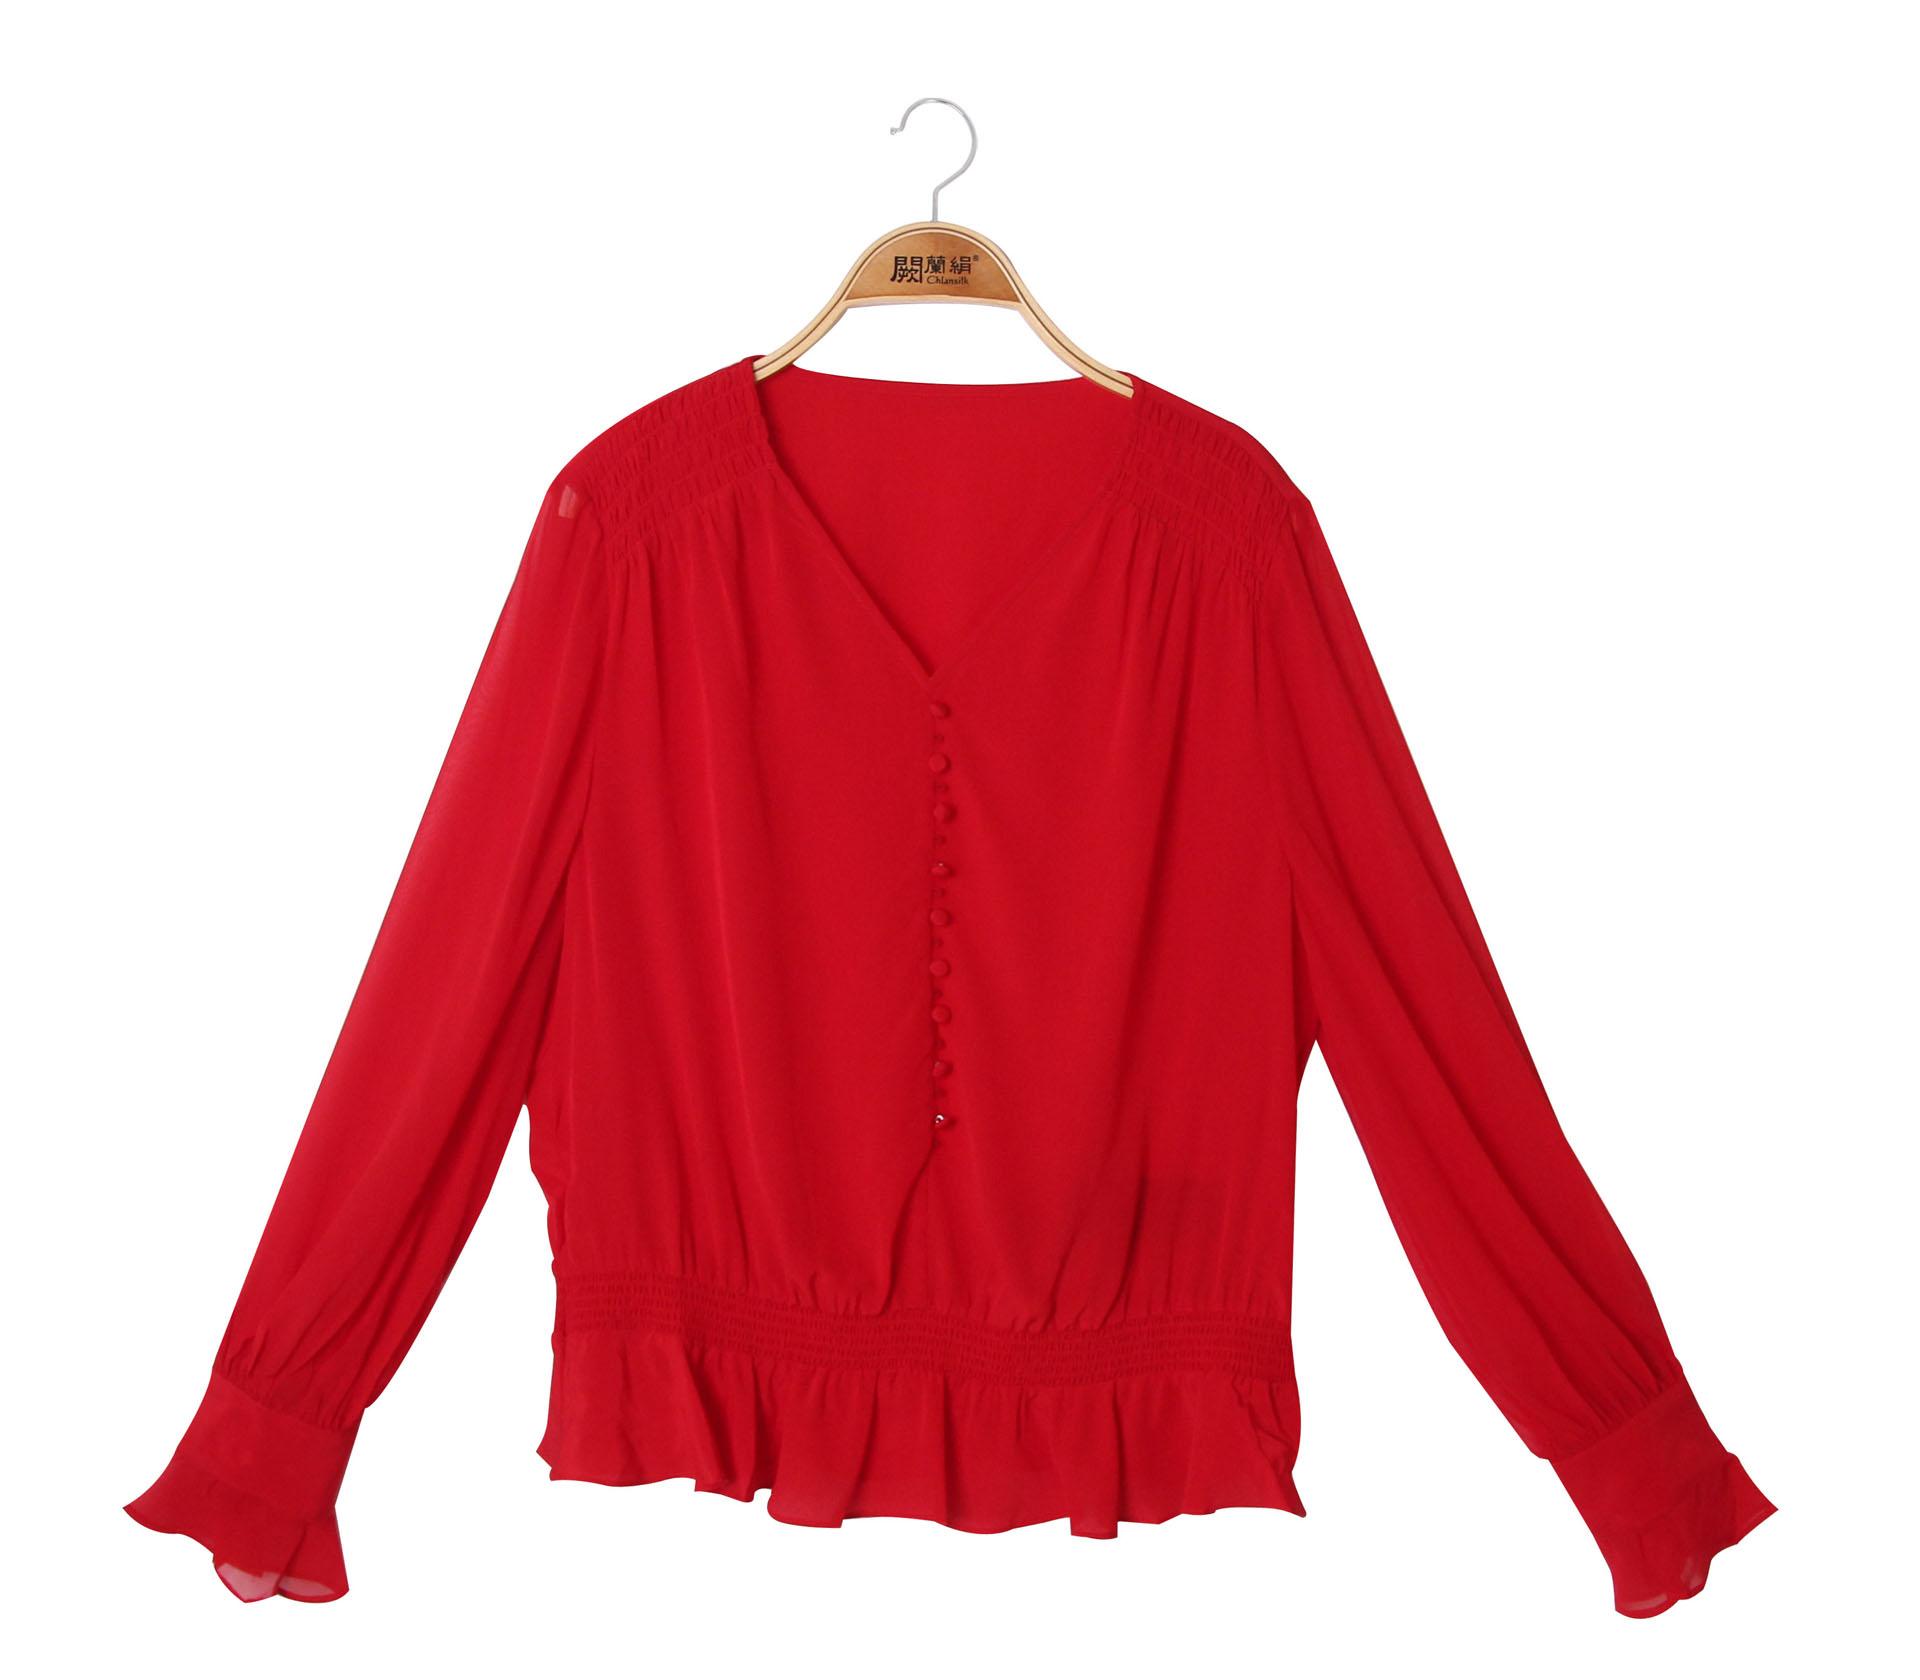 闕蘭絹甜美雅致V領縮腰造型100%蠶絲雪紡上衣 - 紅色 - 6011